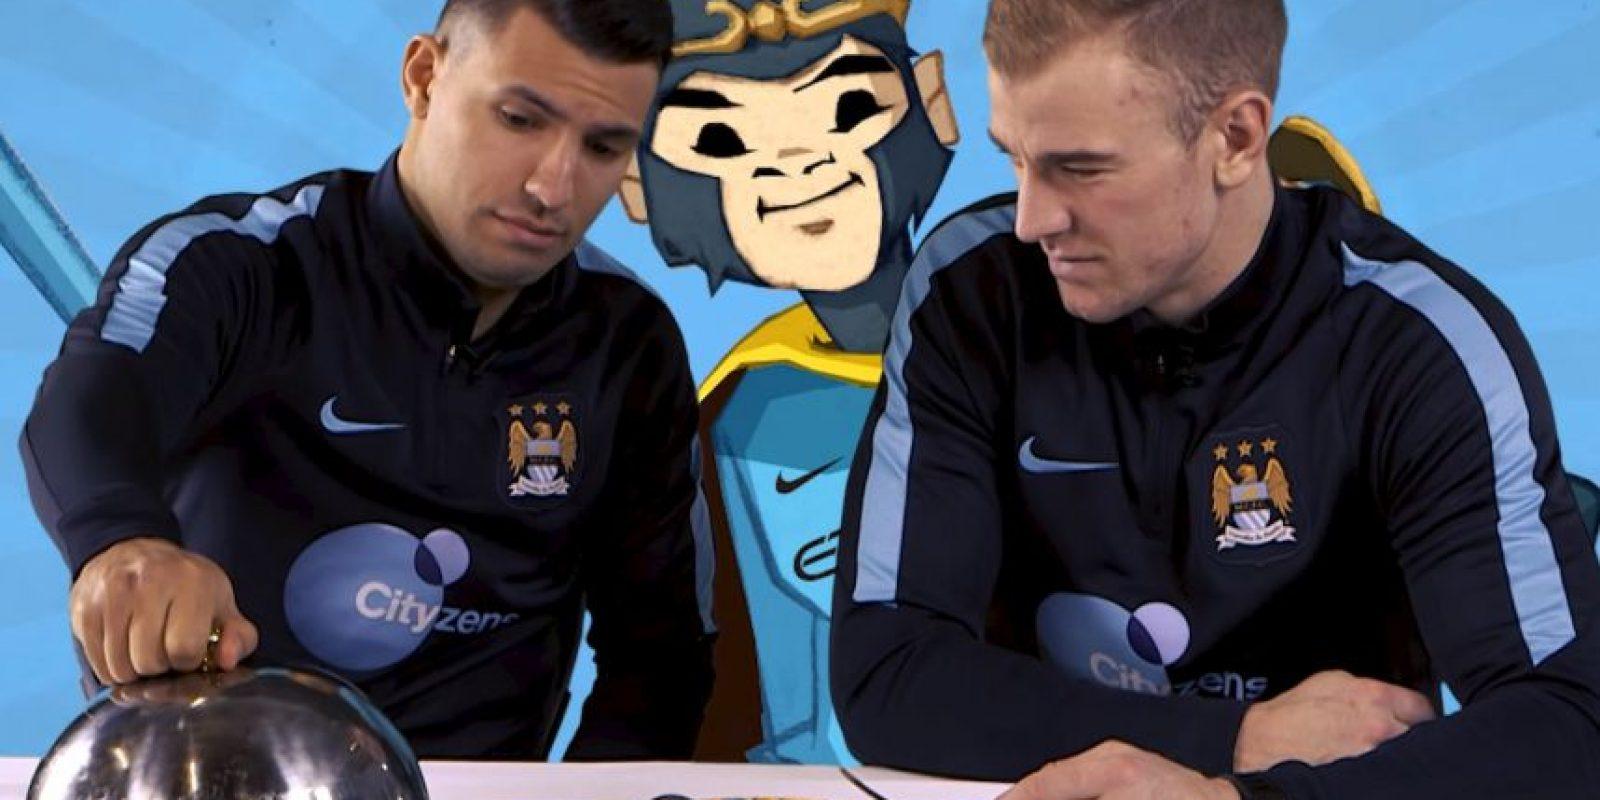 Manchester City celebró el año nuevo chino con un video divertido. Foto:YouTube Manchester City FC